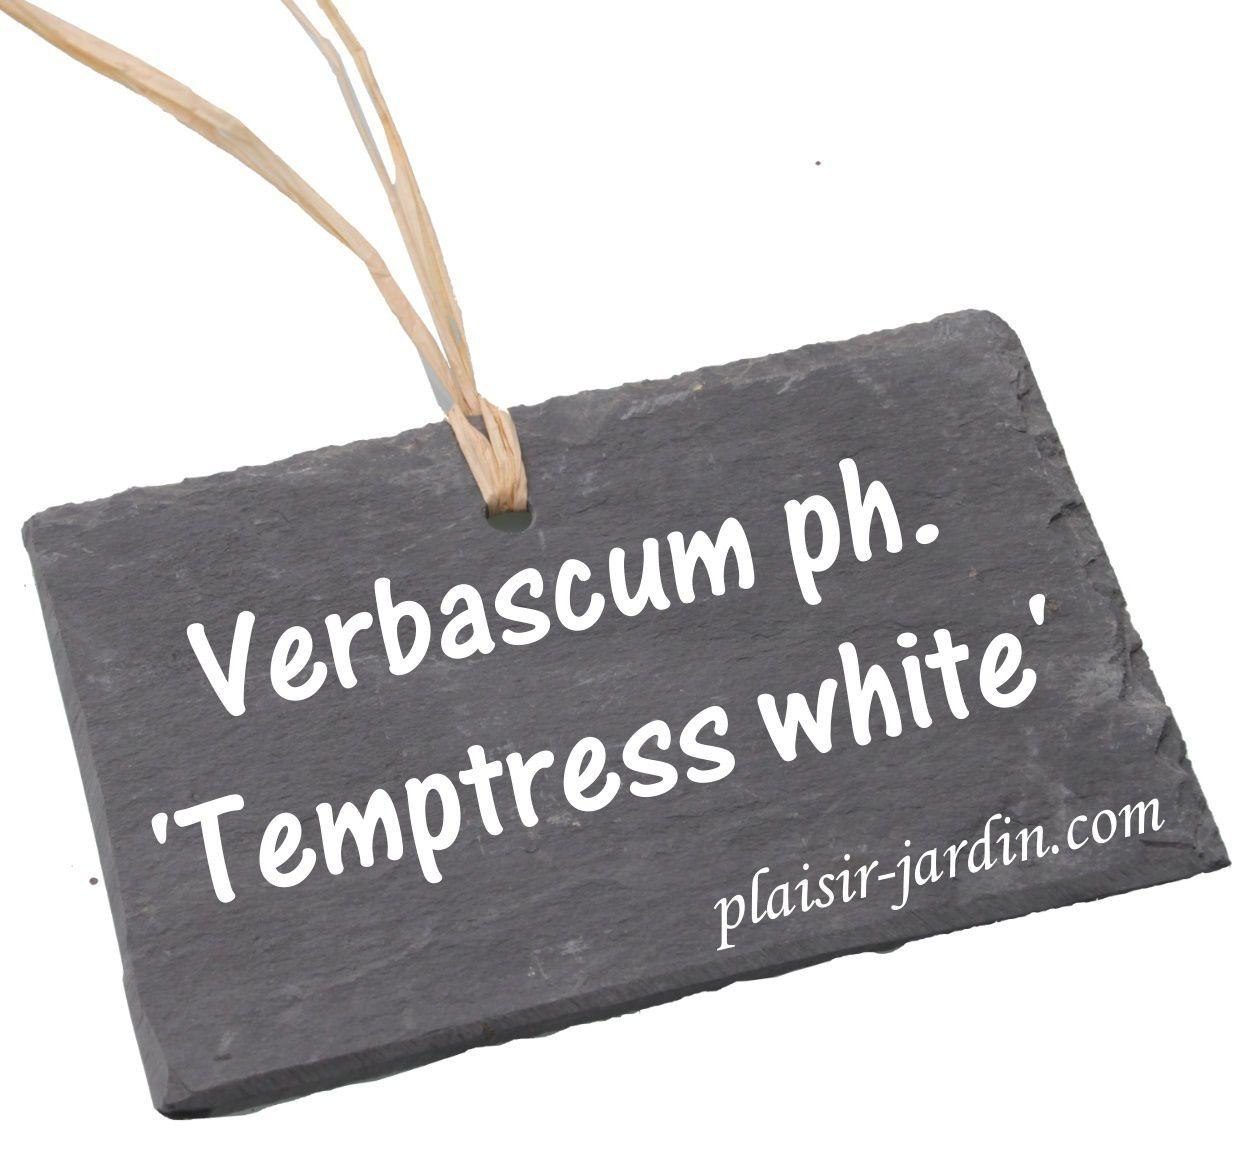 Le Verbascum phoenicum 'temptress  white'